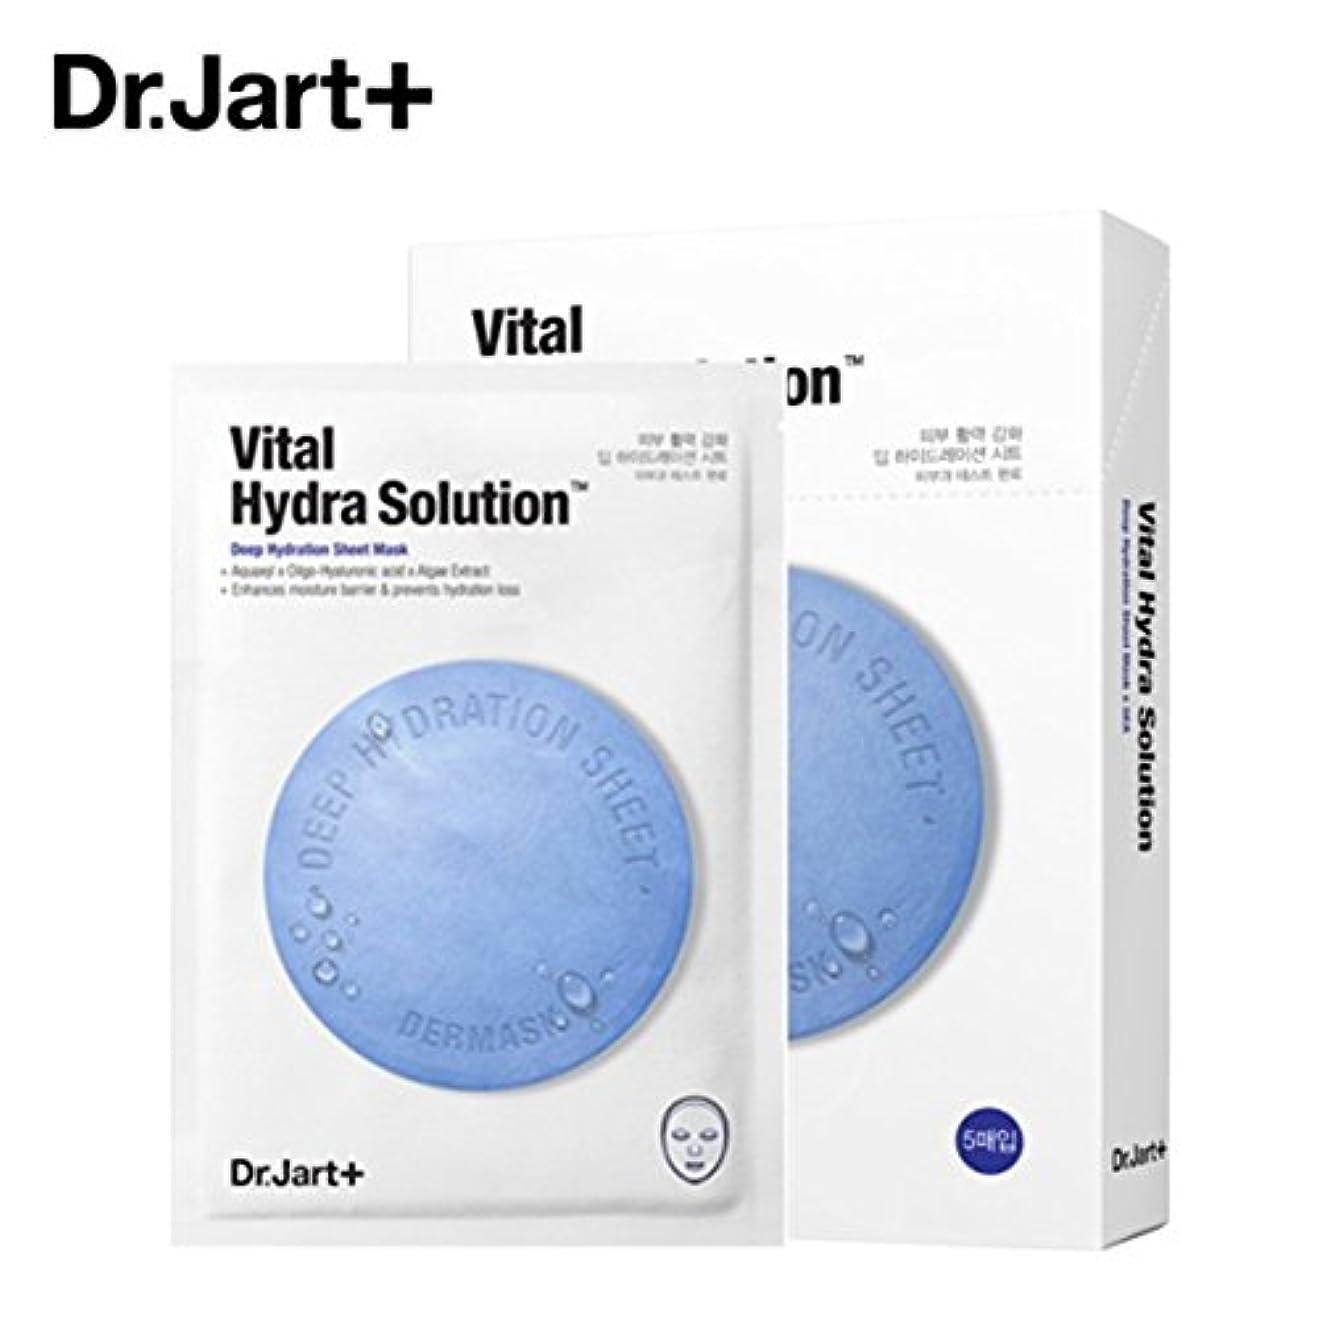 ファイアル頼むあまりにもDr.Jart+/ドクタージャルト ドクタージャルト ダーマスク ウォータージェット バイタルハイドラソリューション 5枚 (Dr.Jart+ DERMASK WATER JET VITAL HYDRA SOLUTION...